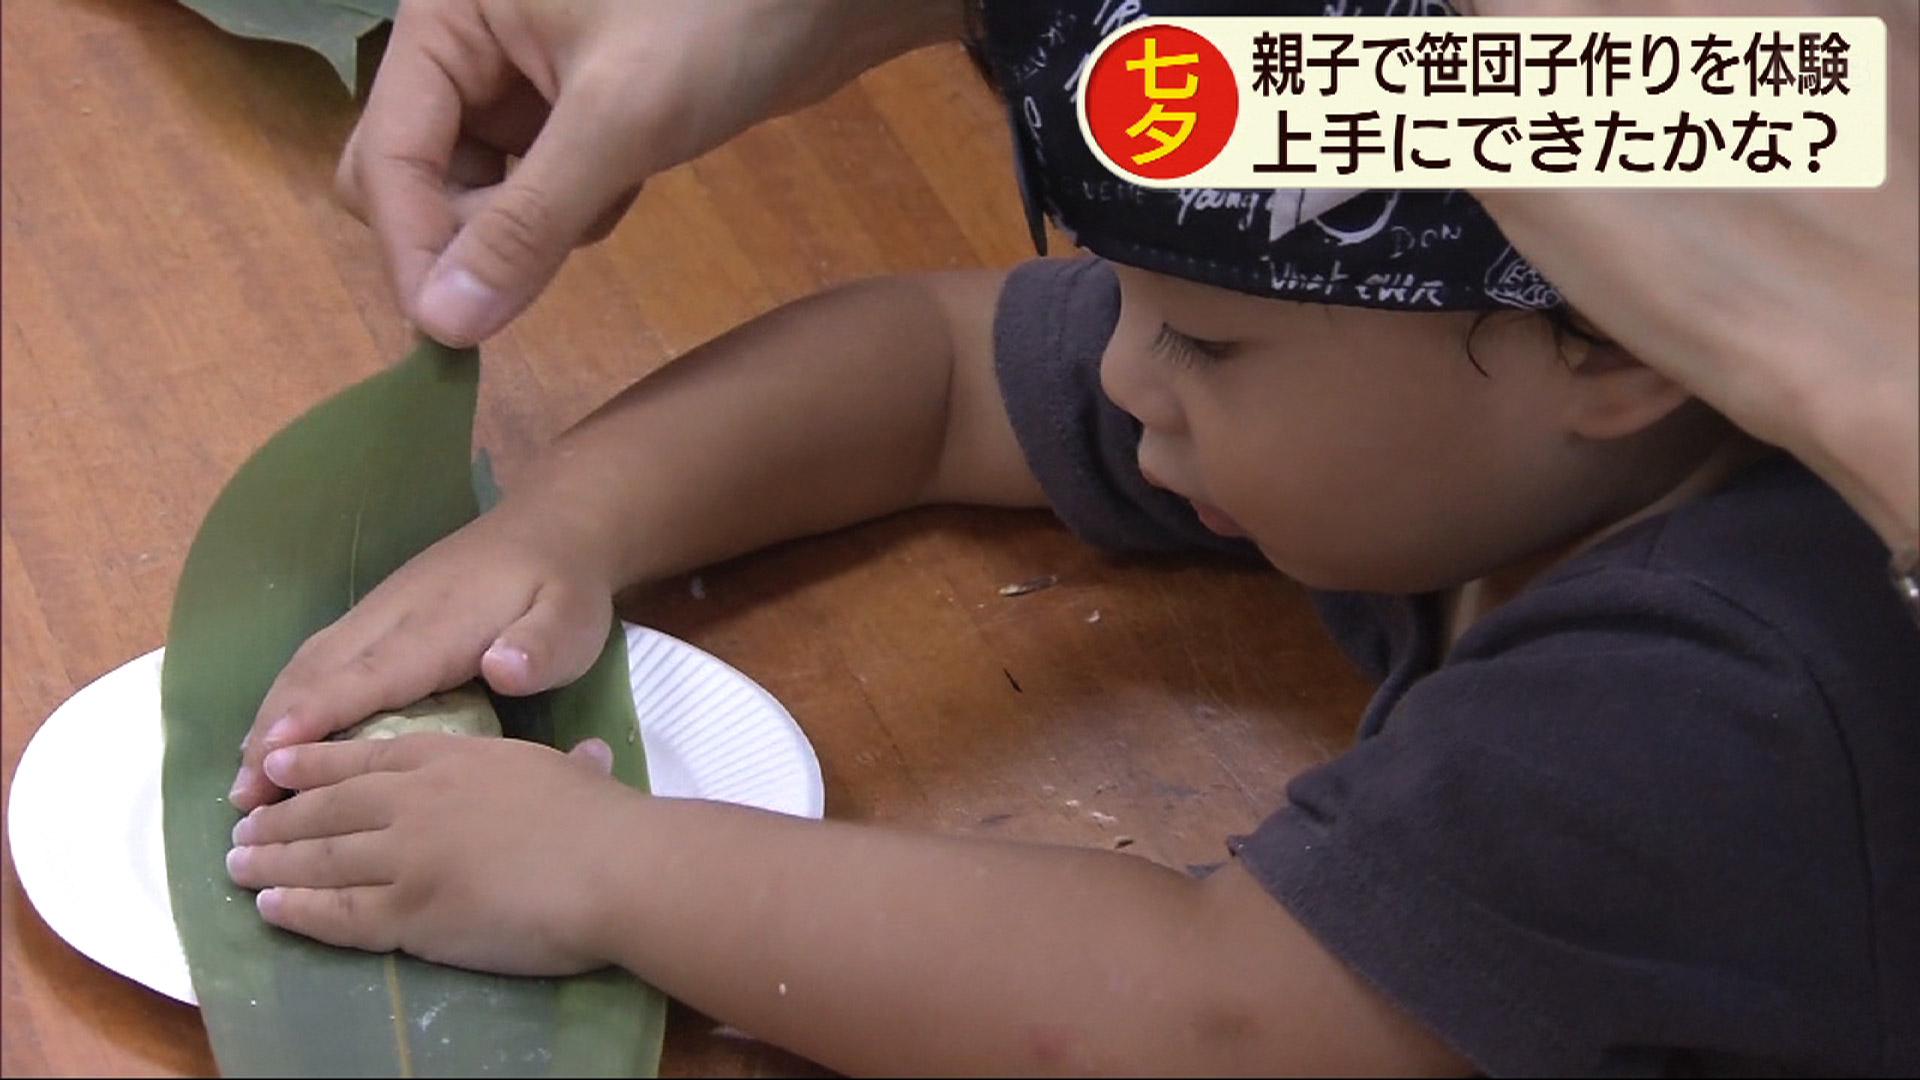 きょうは七夕 「笹団子」作りを体験